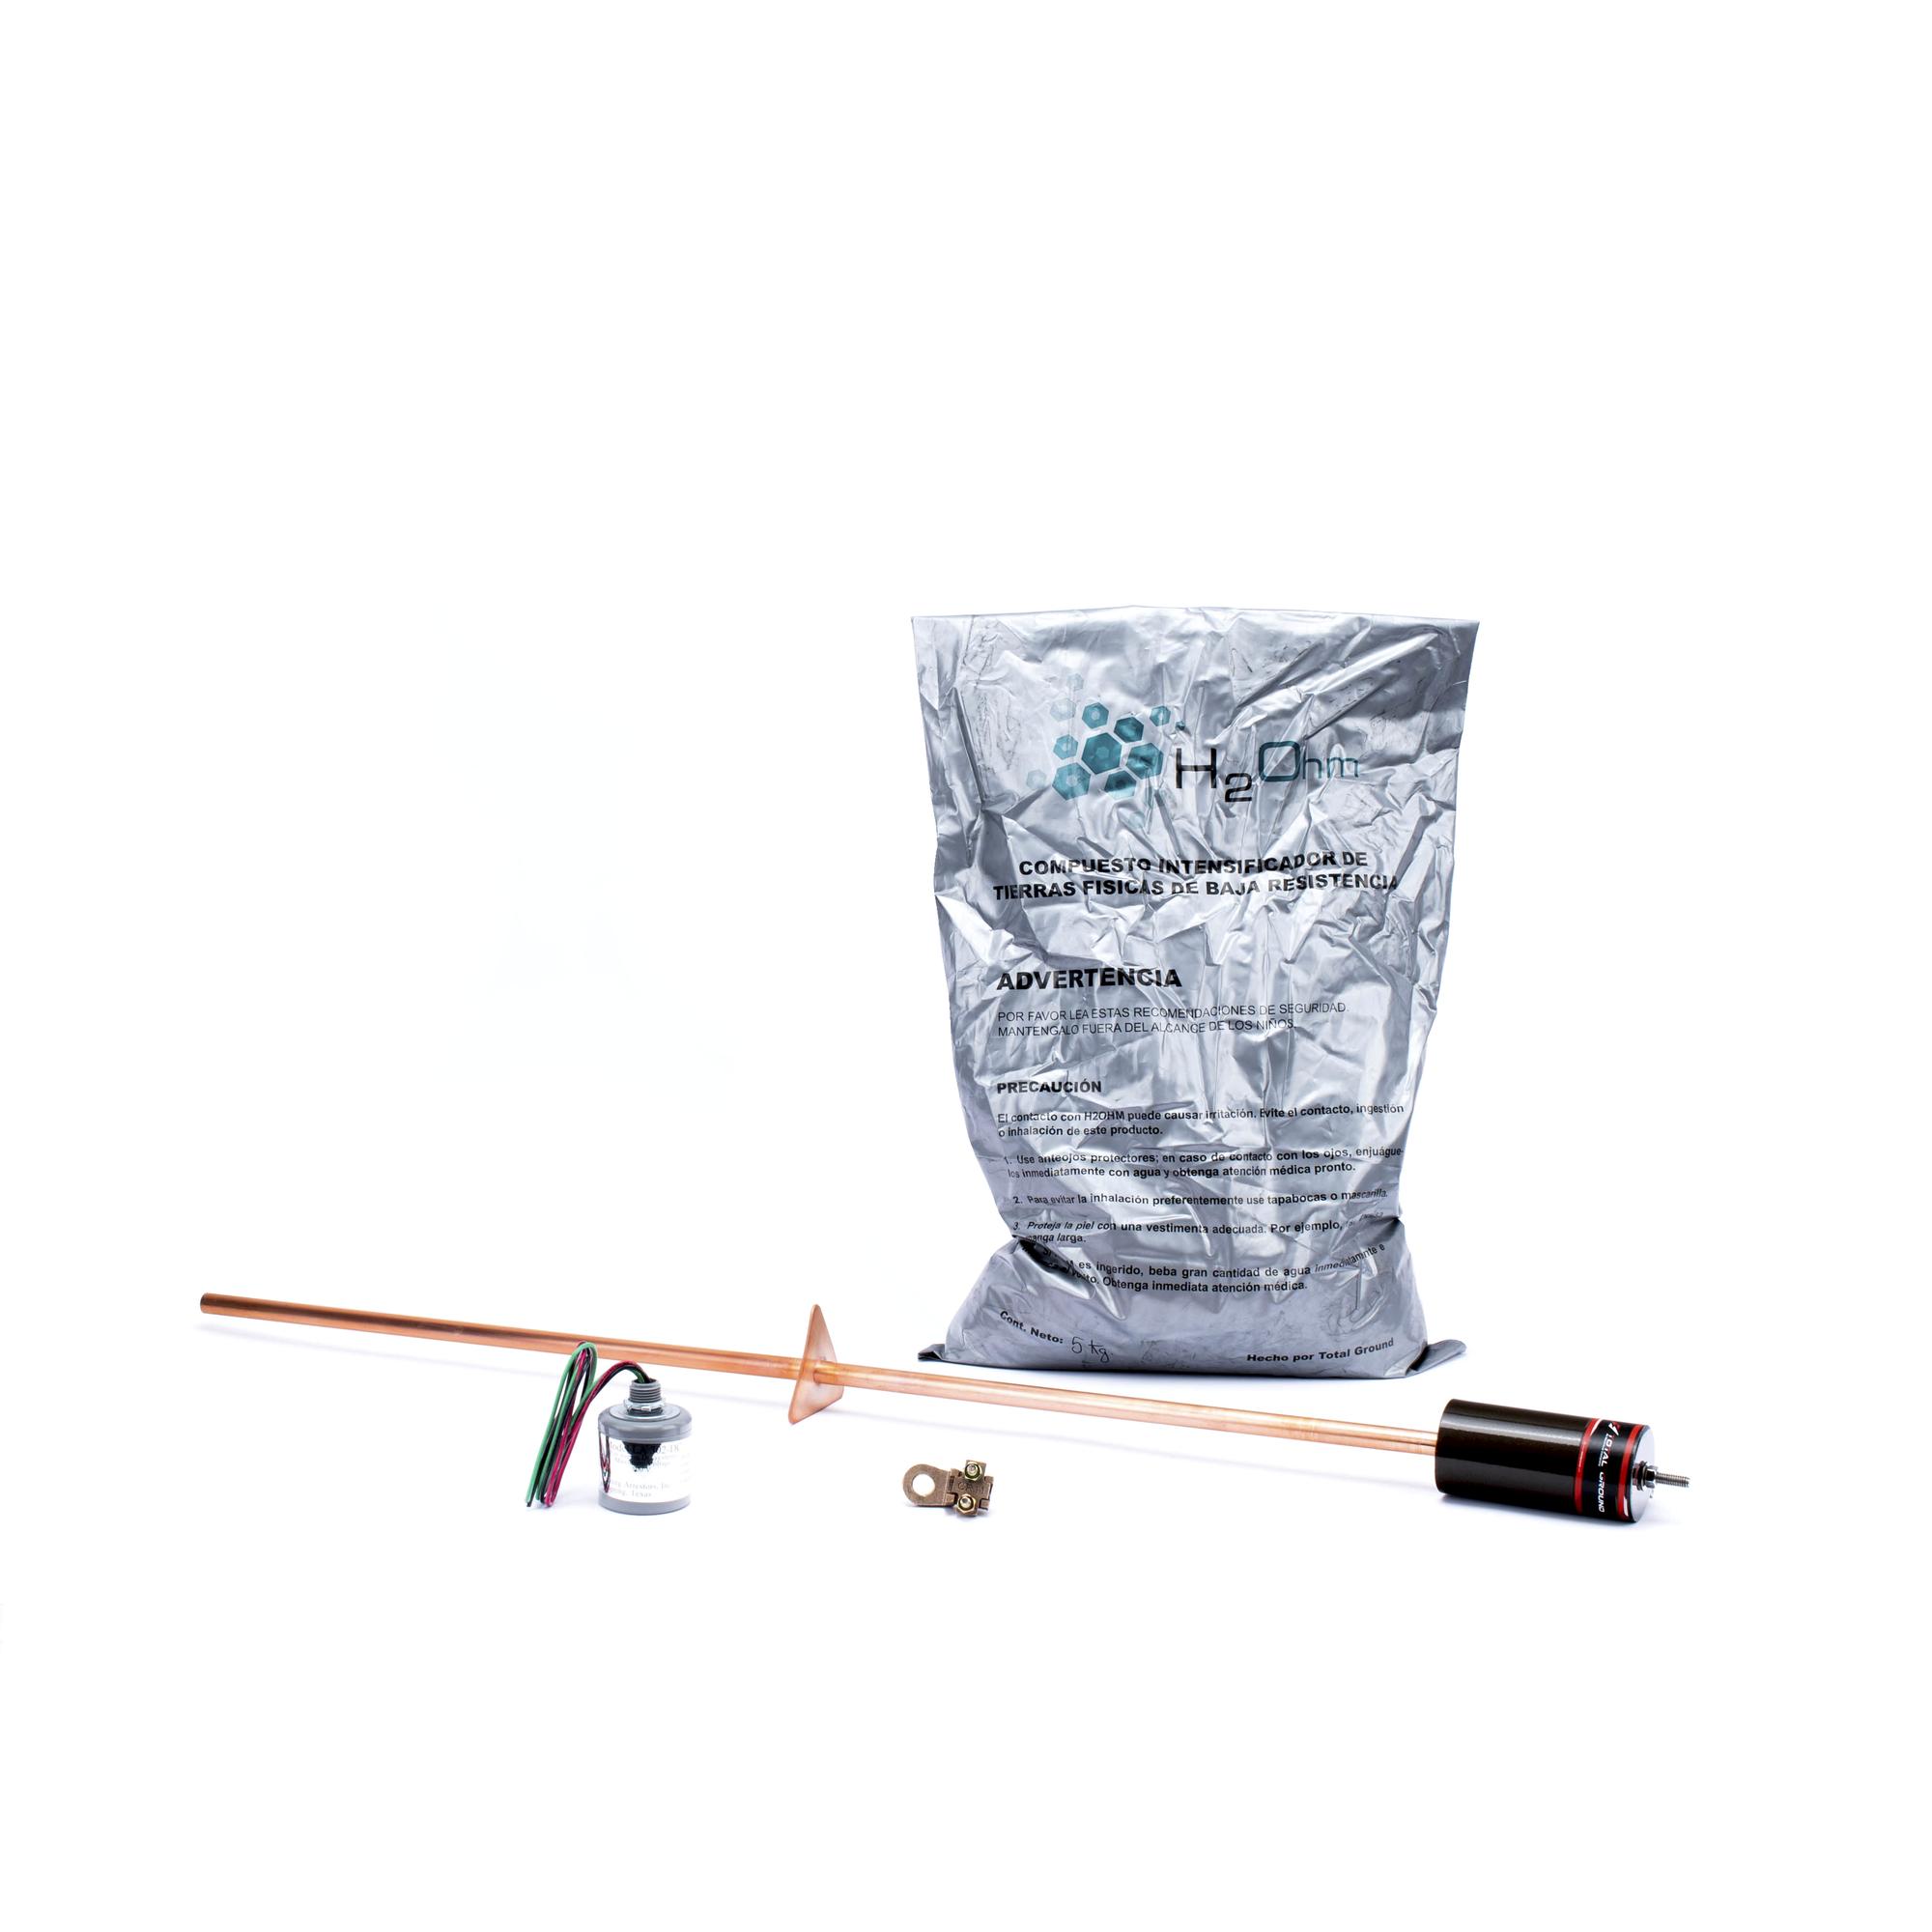 Kit de Tierra Física con Supresor de Descargas Atmosféricas en CD